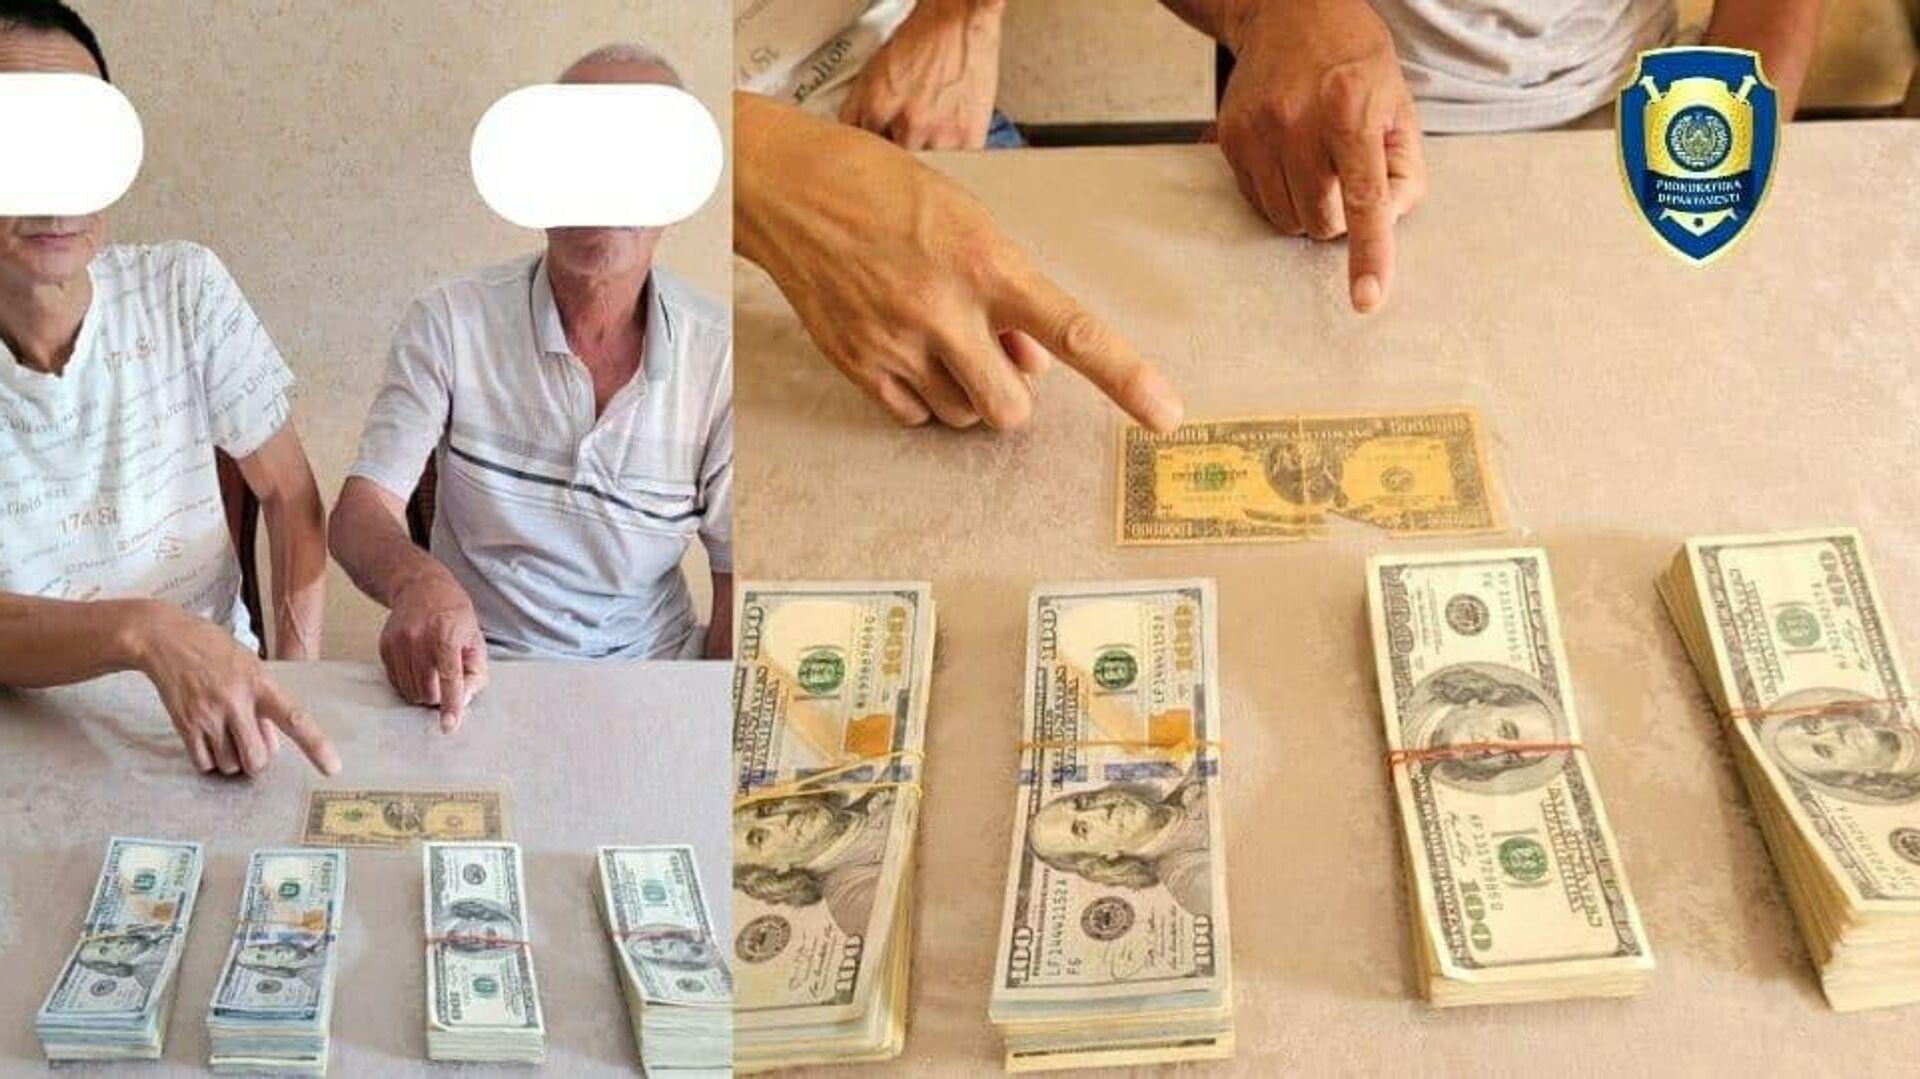 В Узбекистане задержаны мужчины, пытавшиеся продать банкноту в один миллион долларов - РИА Новости, 1920, 15.09.2021